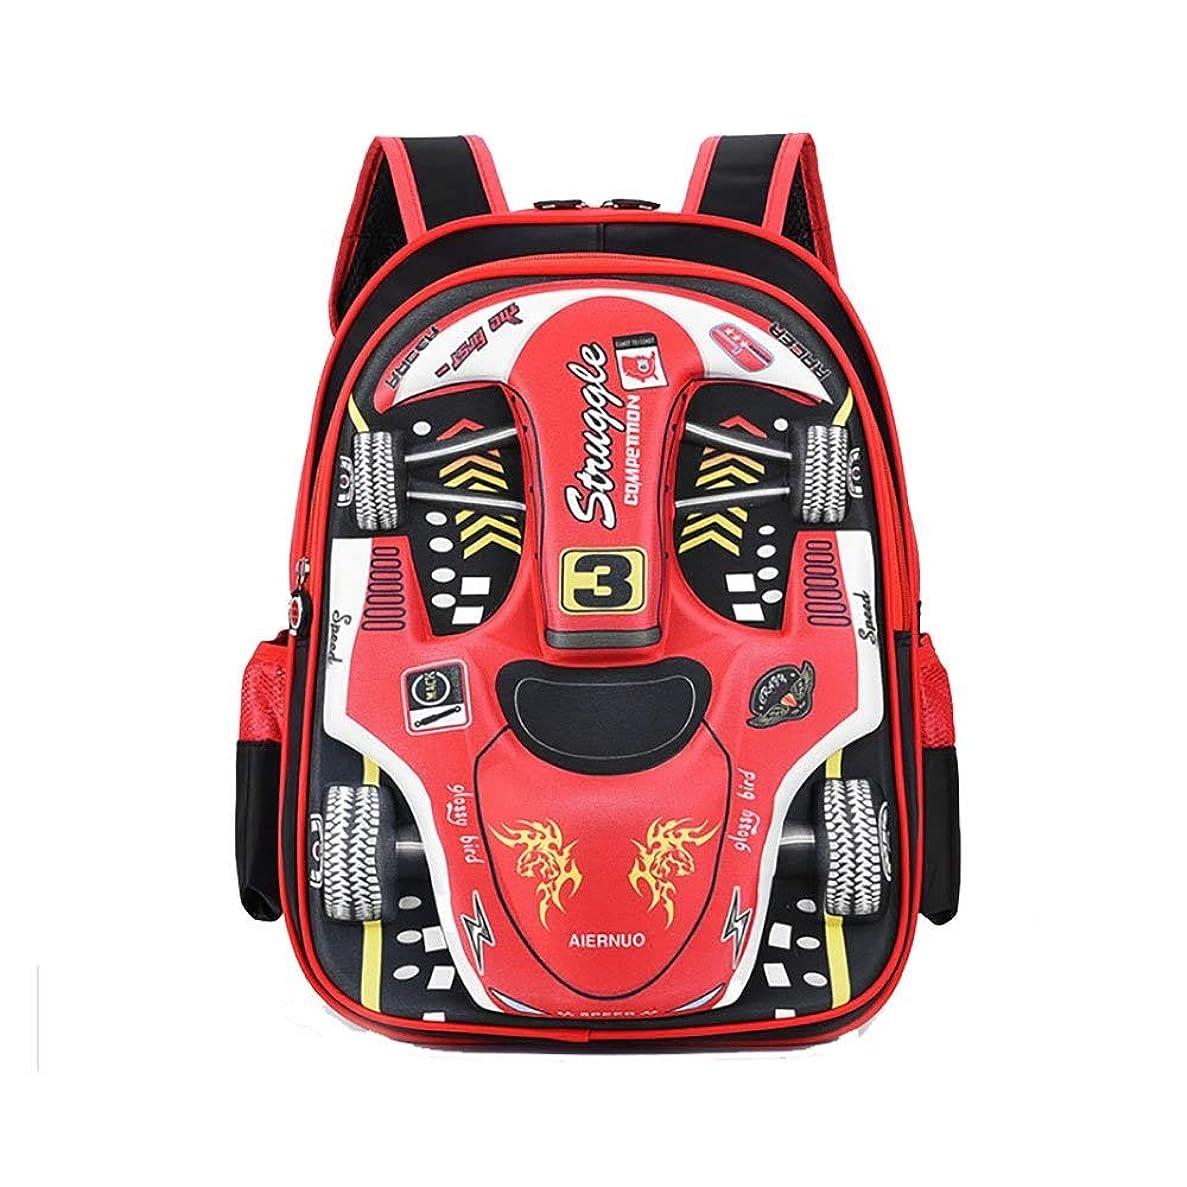 絶え間ない横に失敗ZHAOXHDP 子供用スクールバッグ キャンパスバックパックキッズリュックサック学生バックパック防水3Dバックパック2色 キャンパスバックパック (Color : Red)